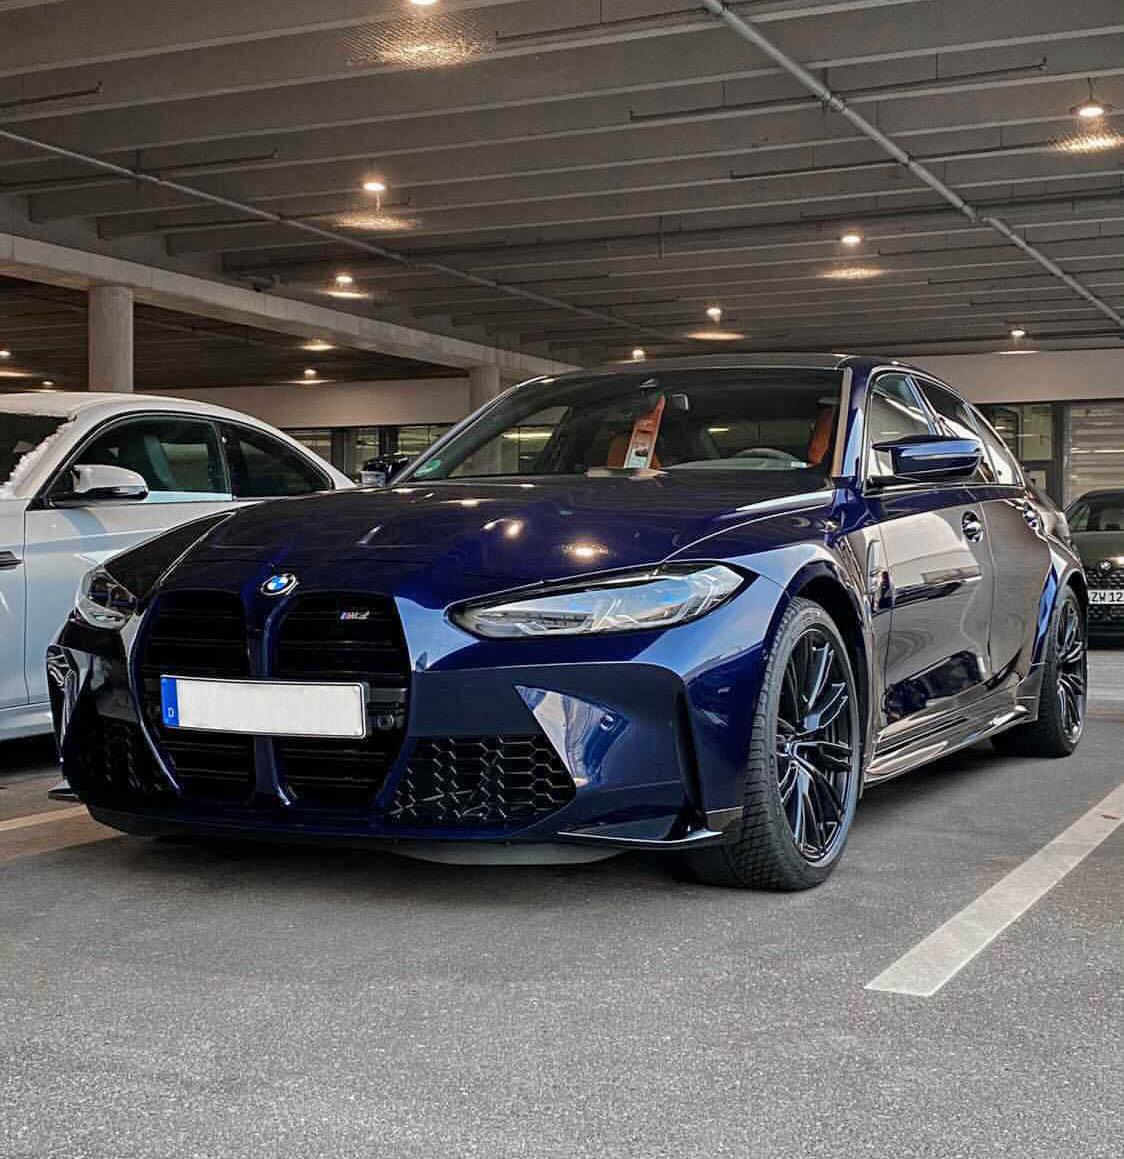 タンザナイトブルーのBMW新型M3コンペティション(G80)がM3ベストカラーかも^^